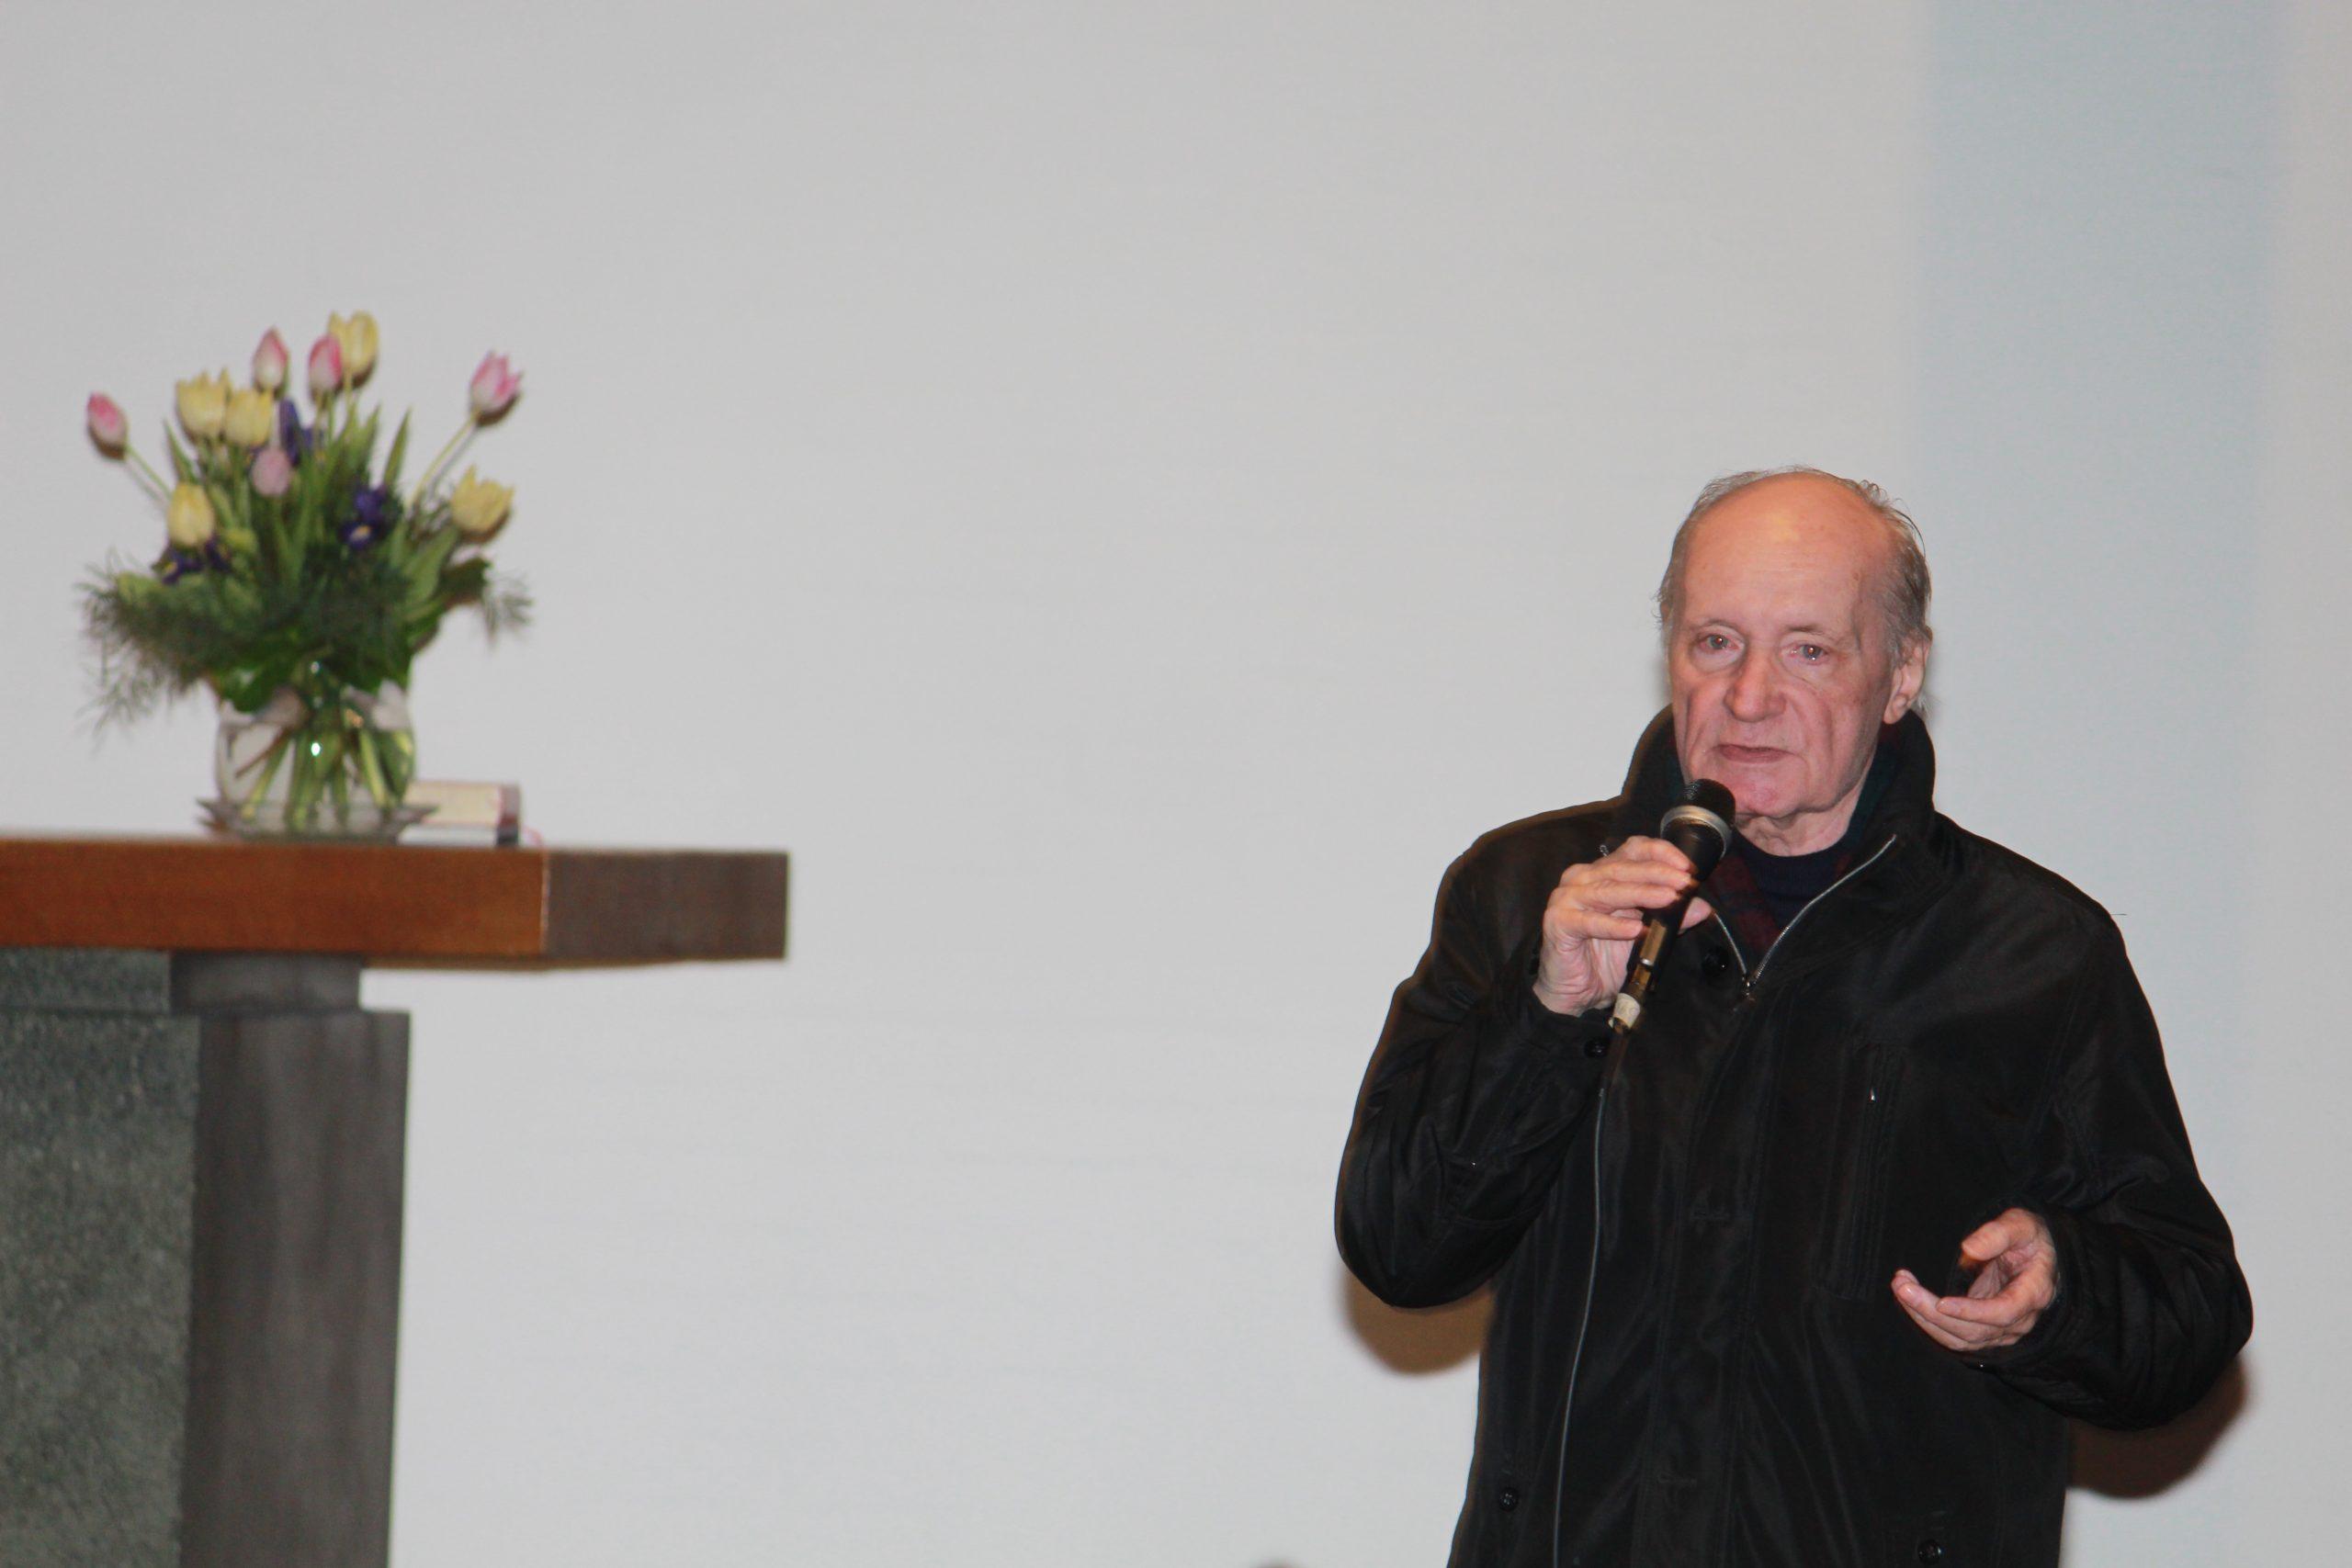 """pm -Eugen Drewermann: Der streitbare Theologe Psychoanalytiker Friedensaktivist und Schriftsteller hielt einen Vortrag mit dem Thema """"Von Glauben und FreiheitÒu00a0in der St. Johanniskurche"""